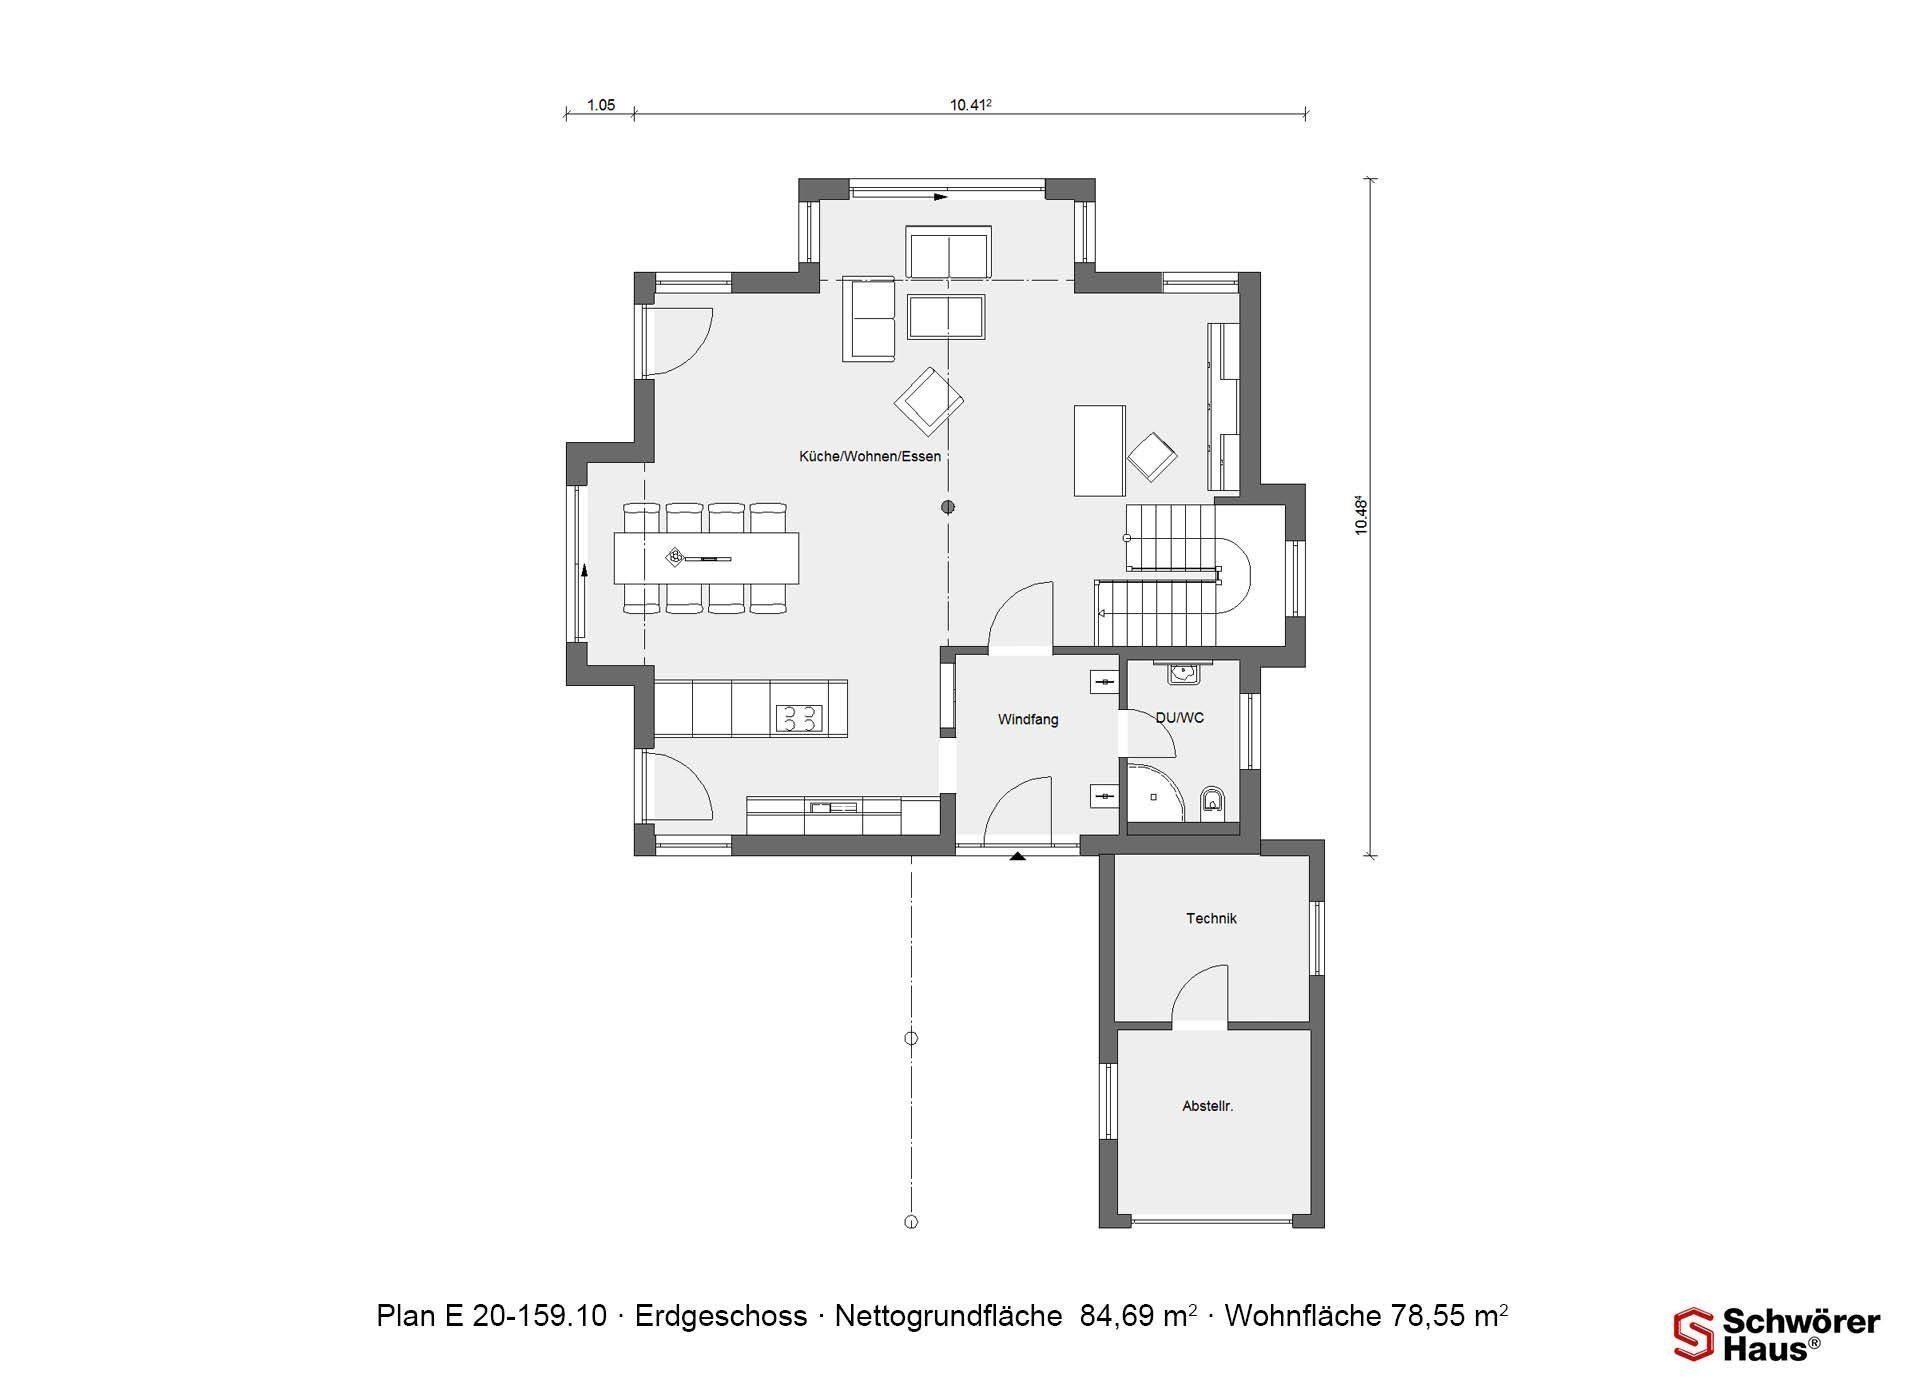 WärmeDirektHaus Plan 319.2 - Eine Nahaufnahme von einem Logo - Gebäudeplan